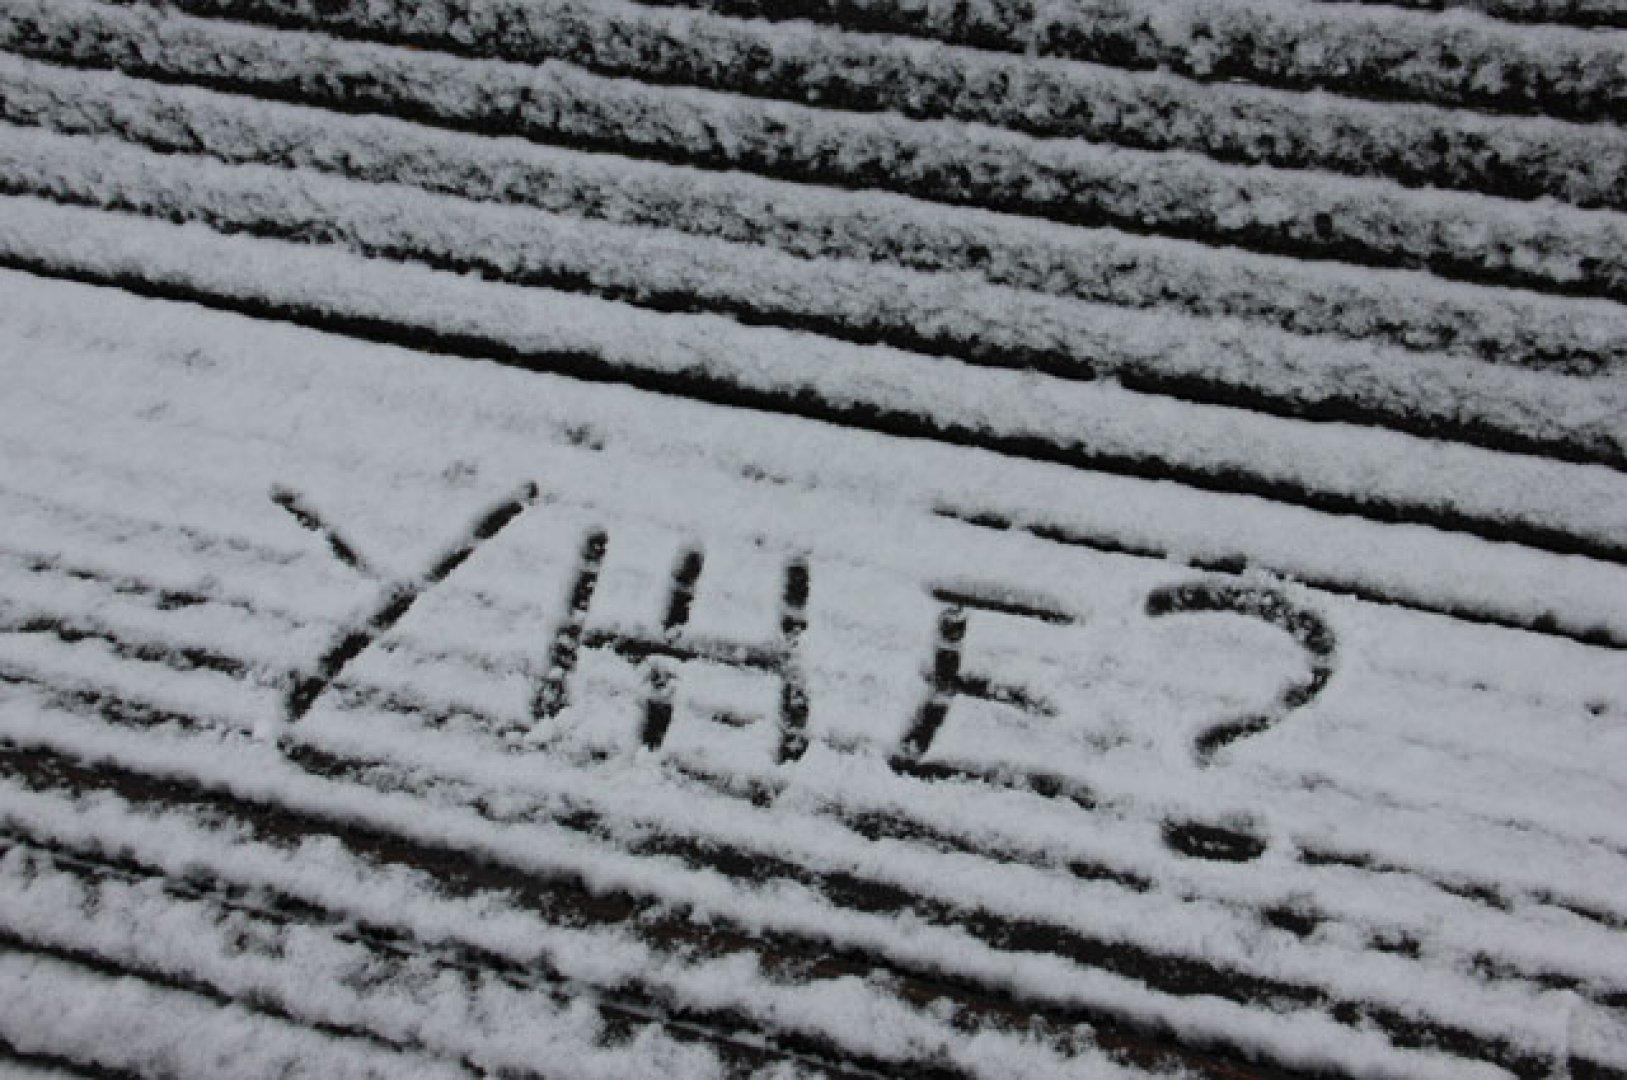 С первым снегом картинки прикольные с надписями